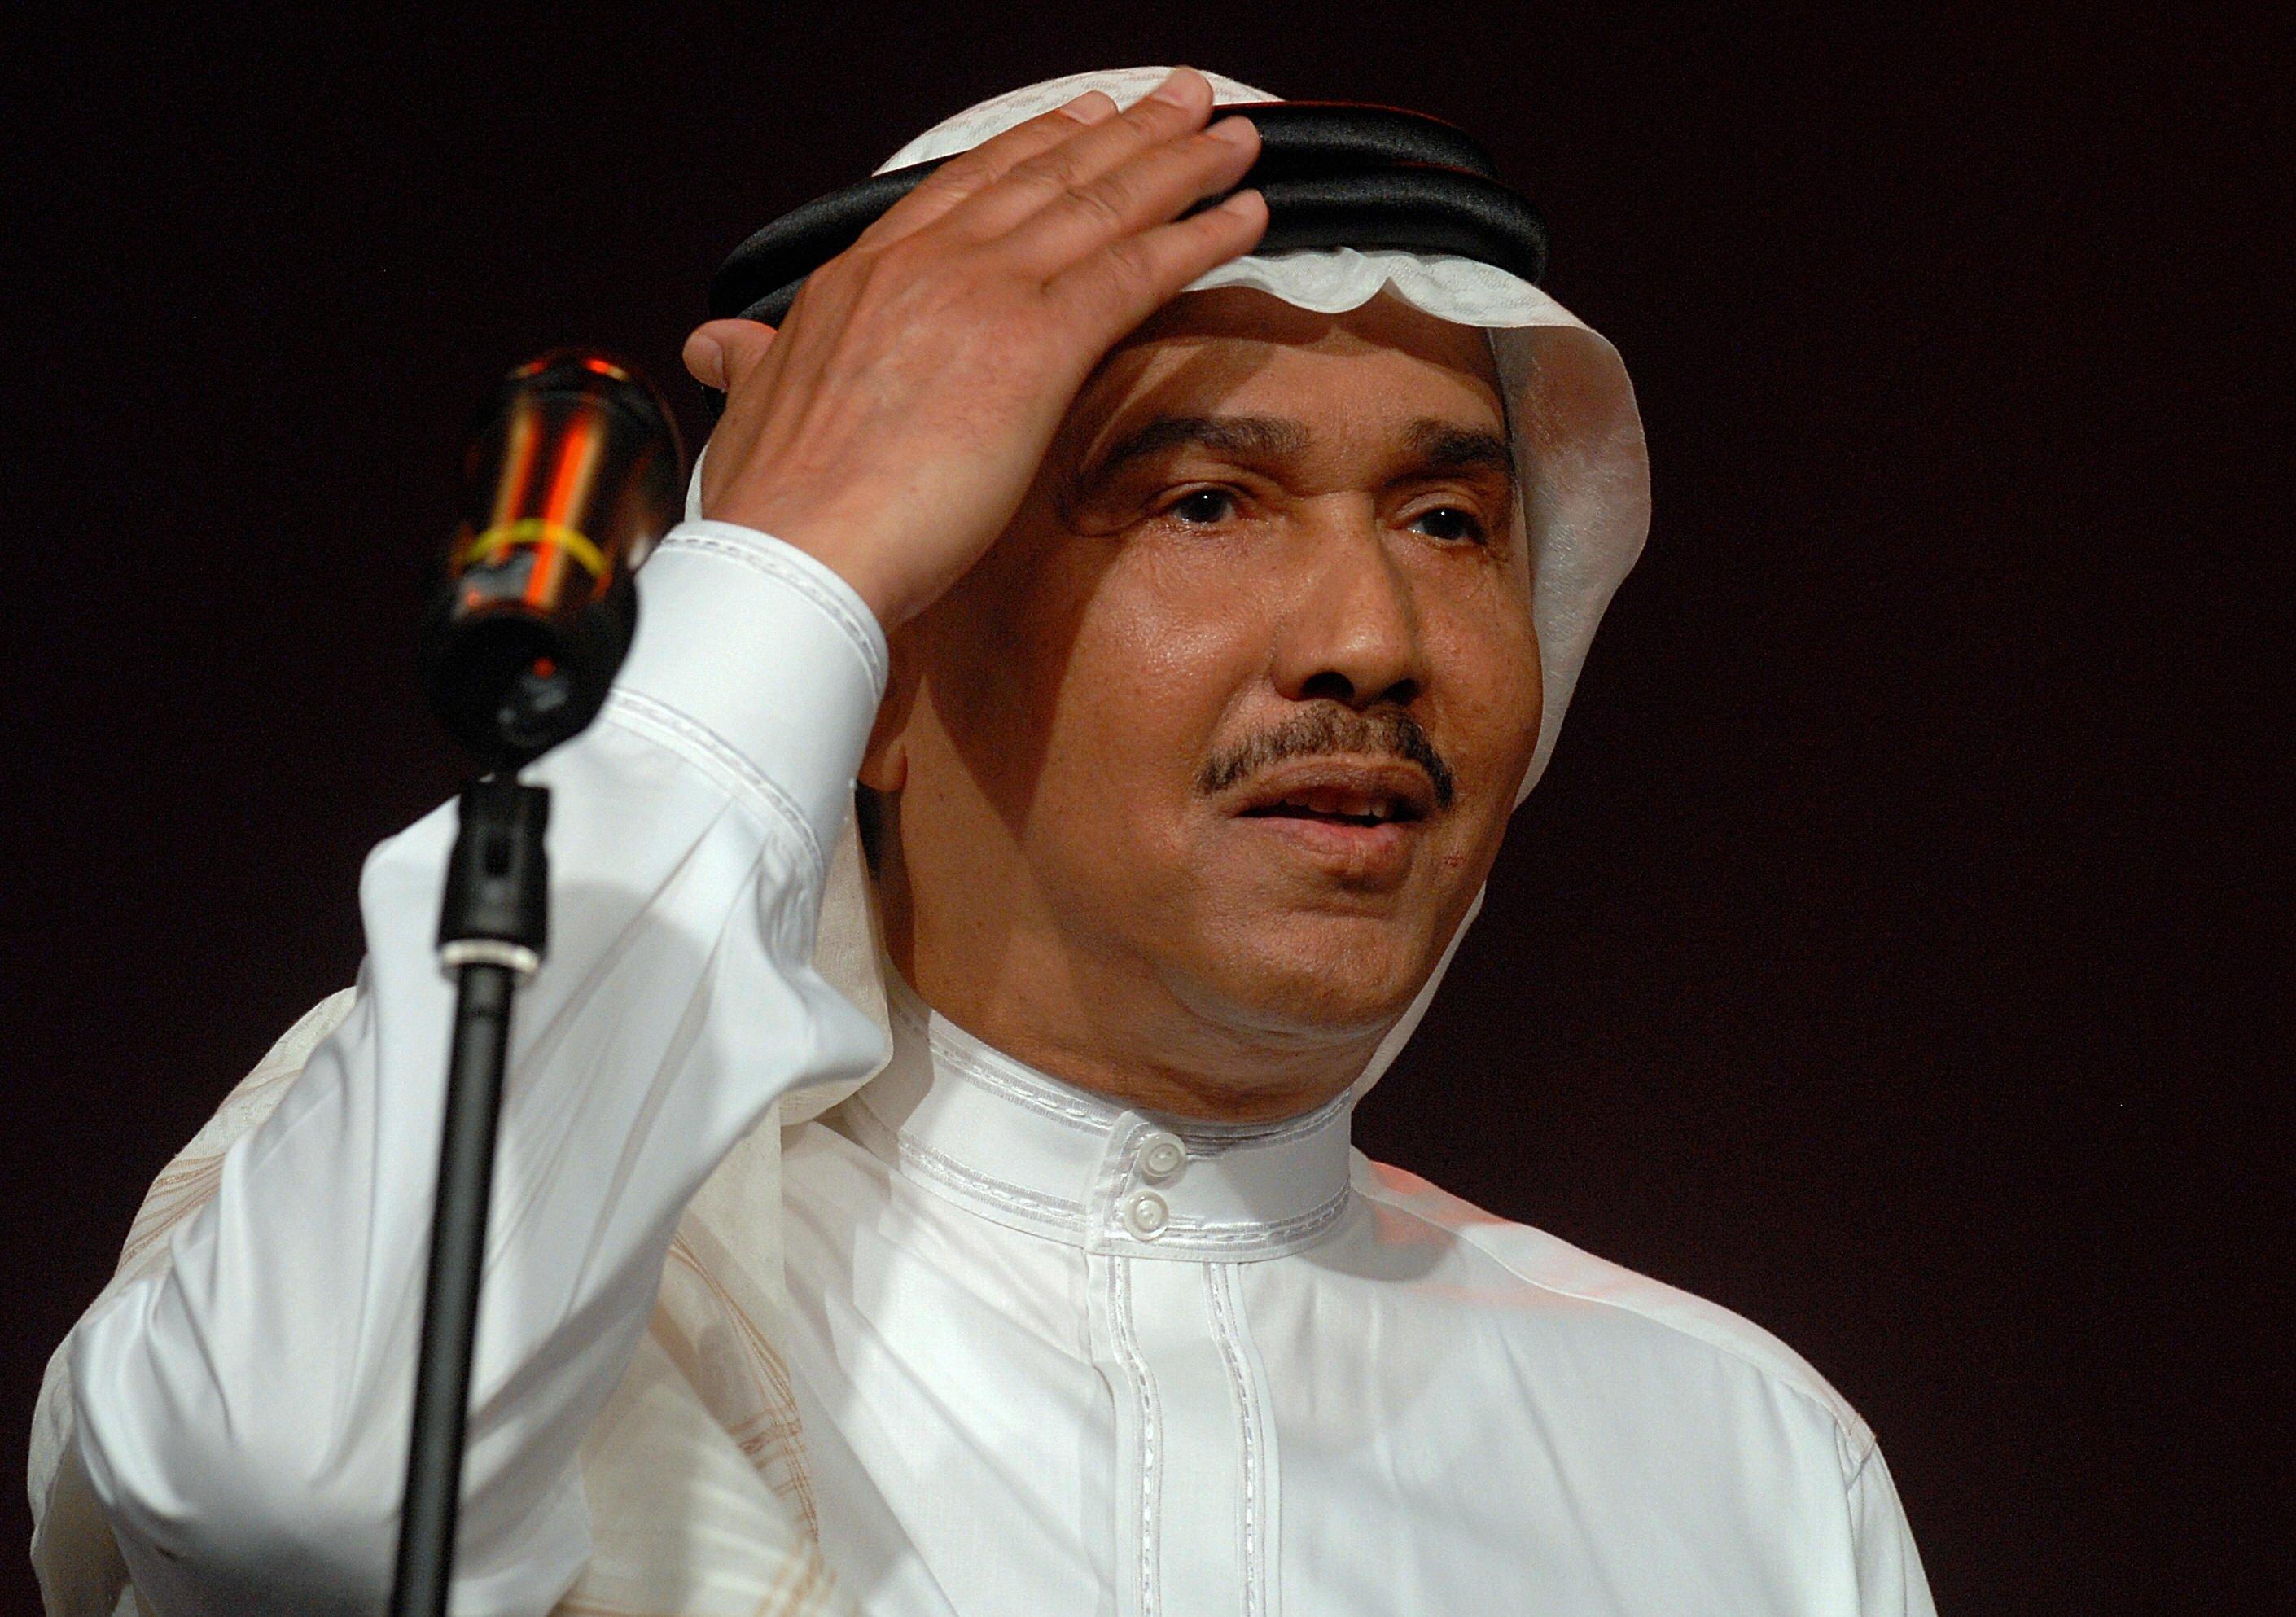 نعى فنان العرب محمد عبده عبر تويتر الموسيقار سراج عمر بعد أن وافته